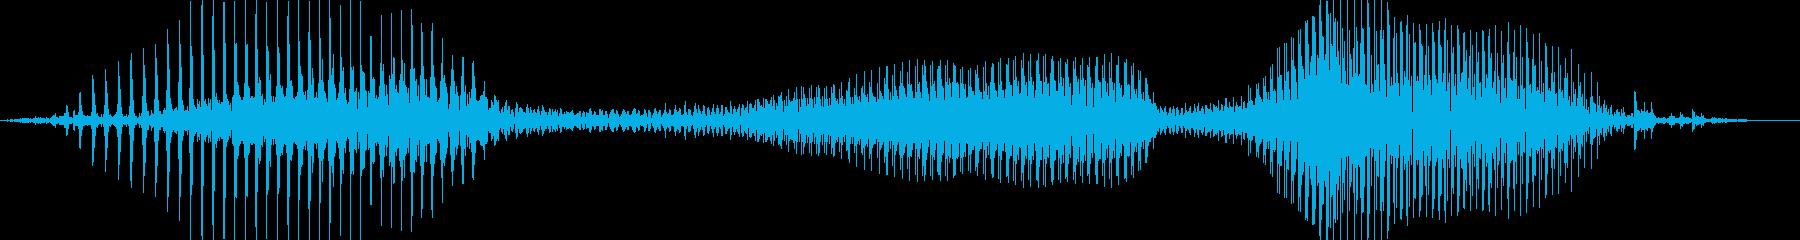 ハズレ!の再生済みの波形